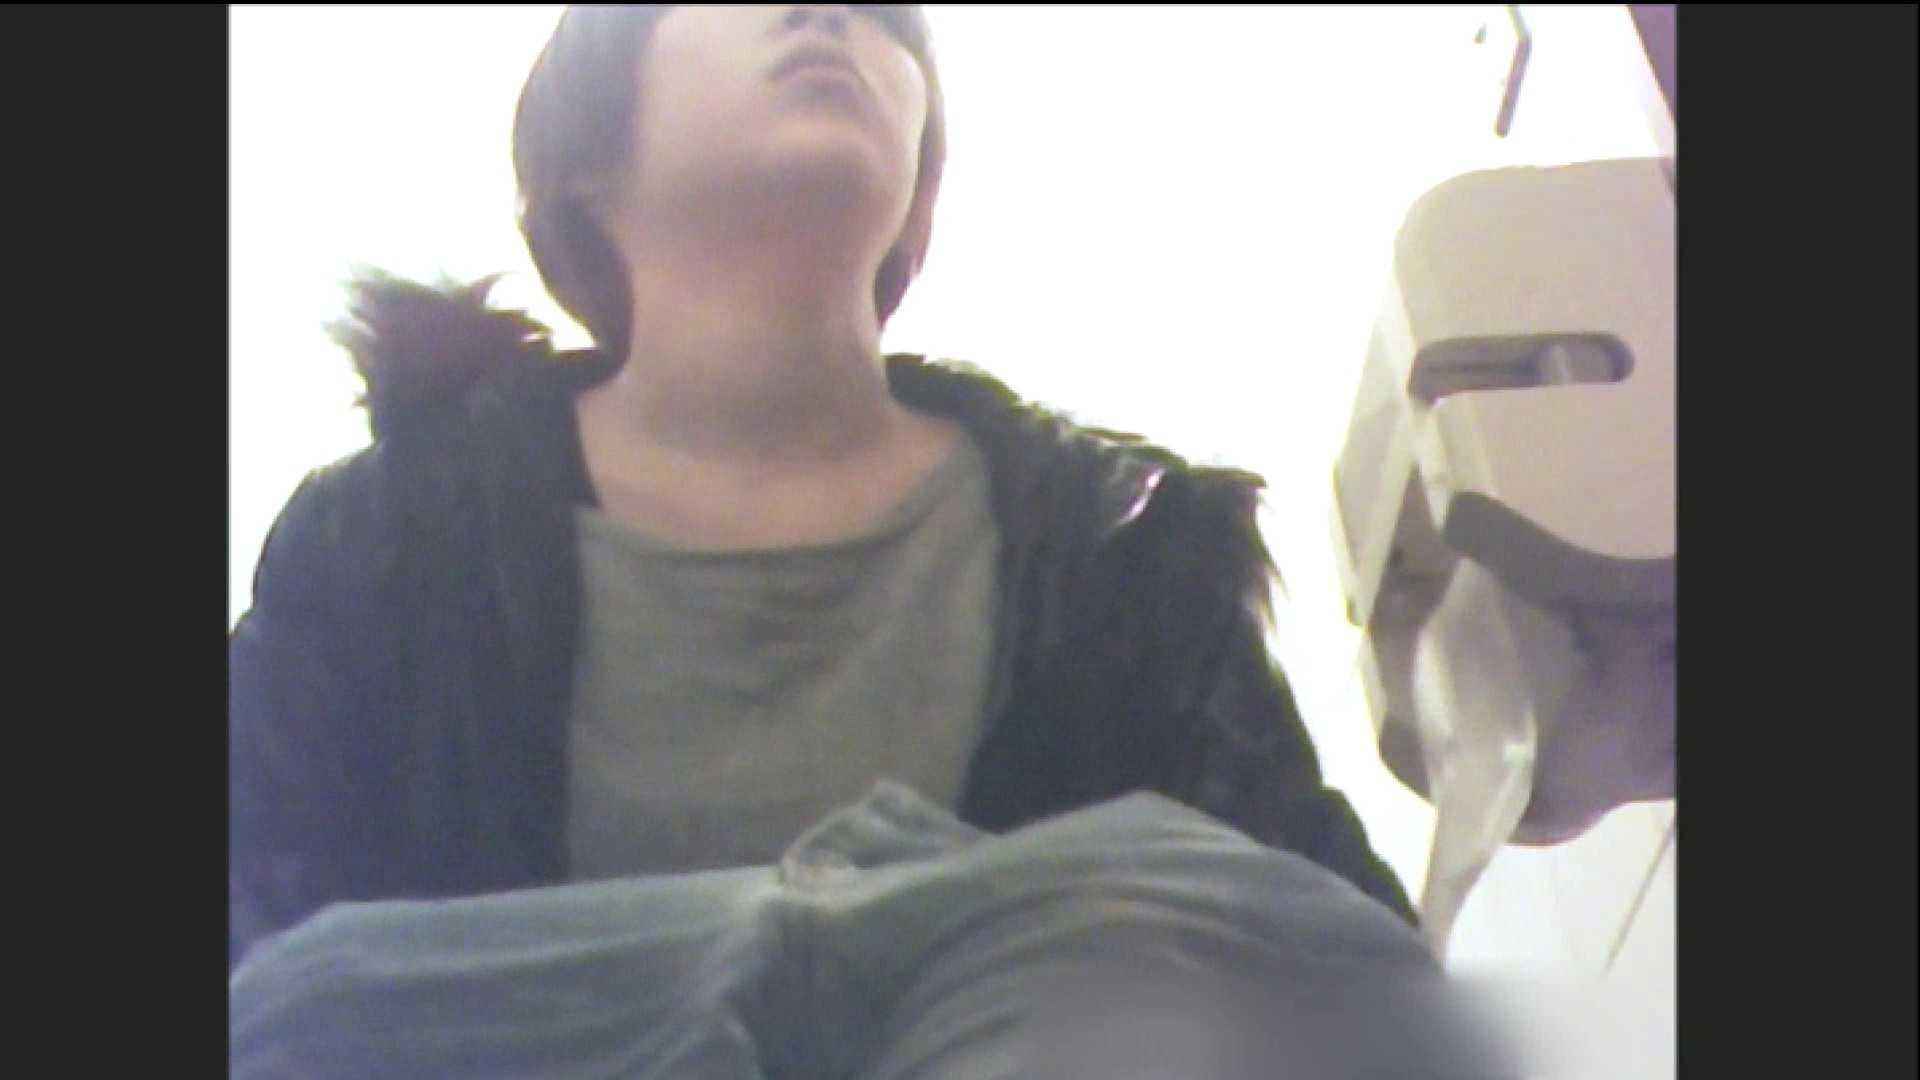 実録!!綺麗なお姉さんのトイレ事情・・・。vol.11 エロティックなOL スケベ動画紹介 95画像 41